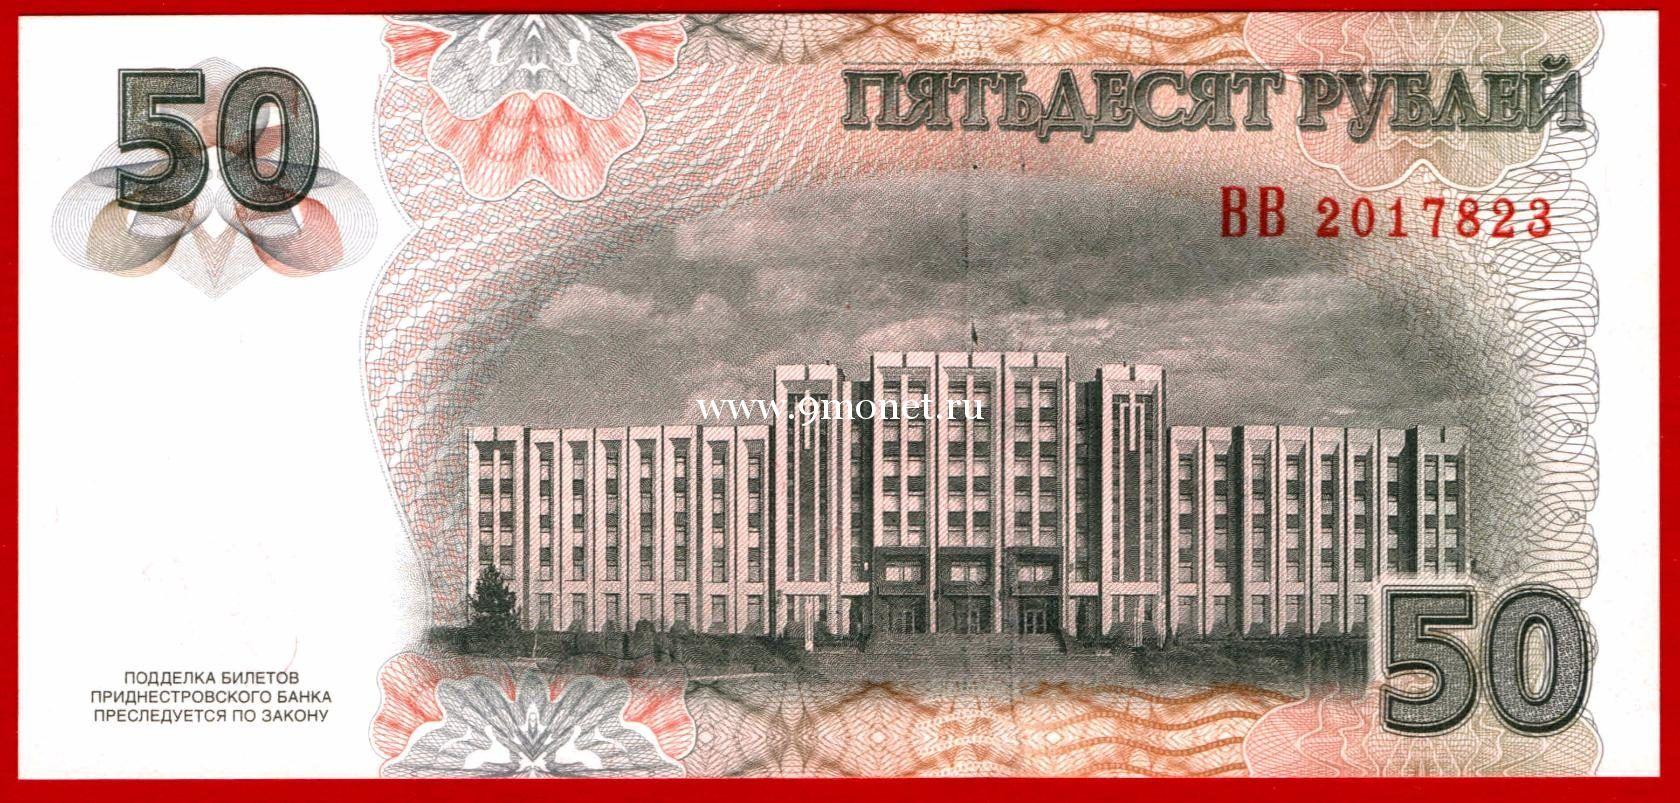 2007 год. Приднестровье. Банкнота 50 рублей.